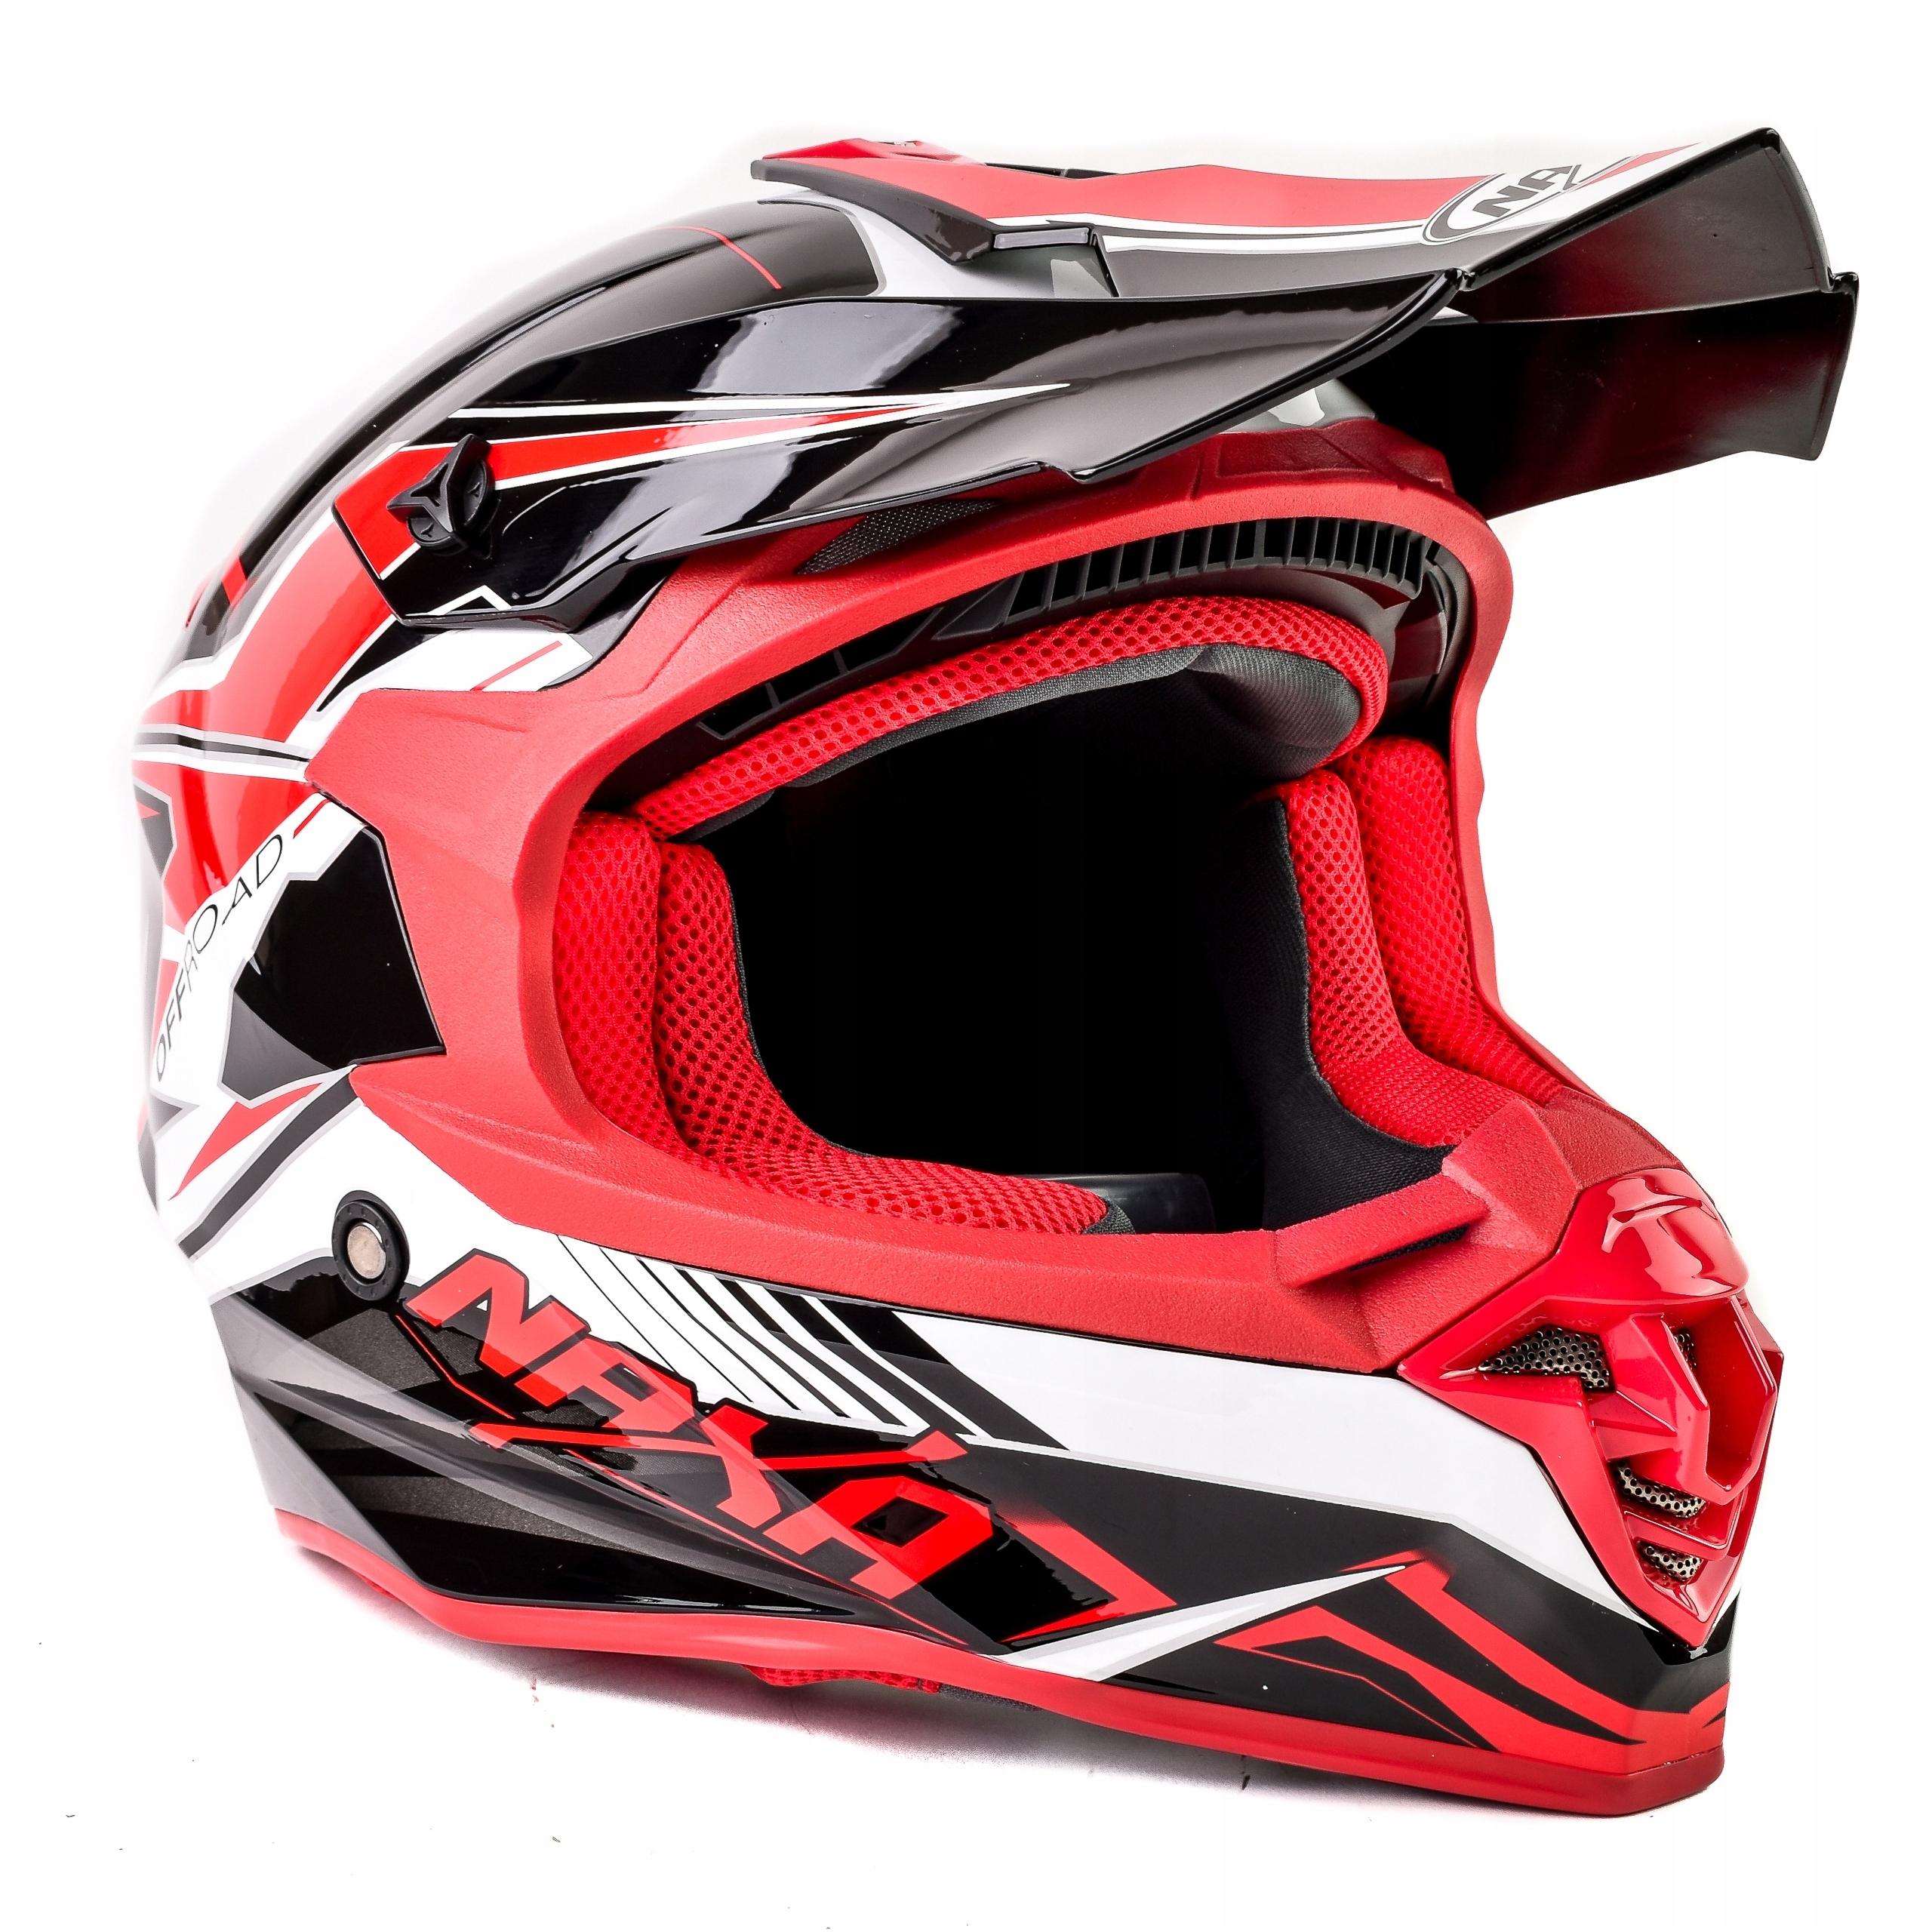 Naxa Kask Motocyklowy Cross Enduro Quad Czerwony L Kobior Allegro Pl